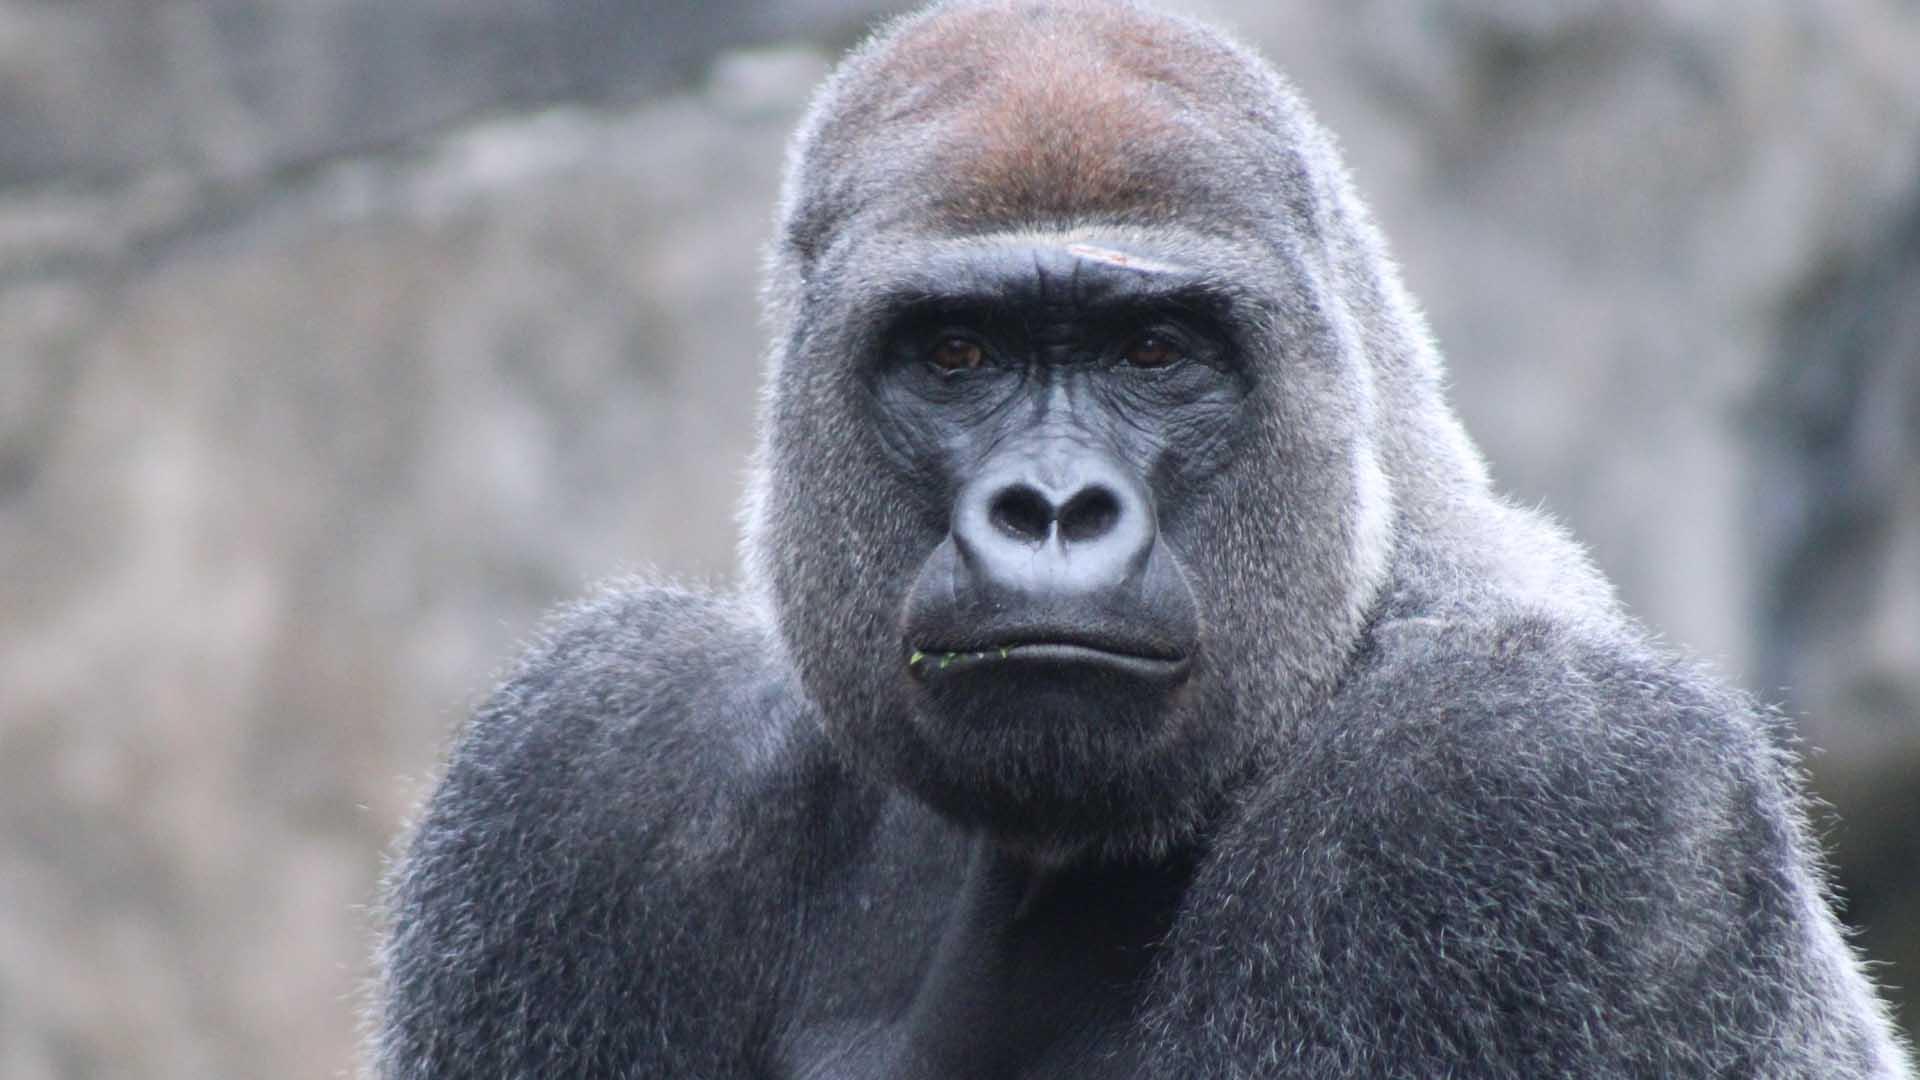 Il gorilla Koko conosceva il linguaggio dei segni